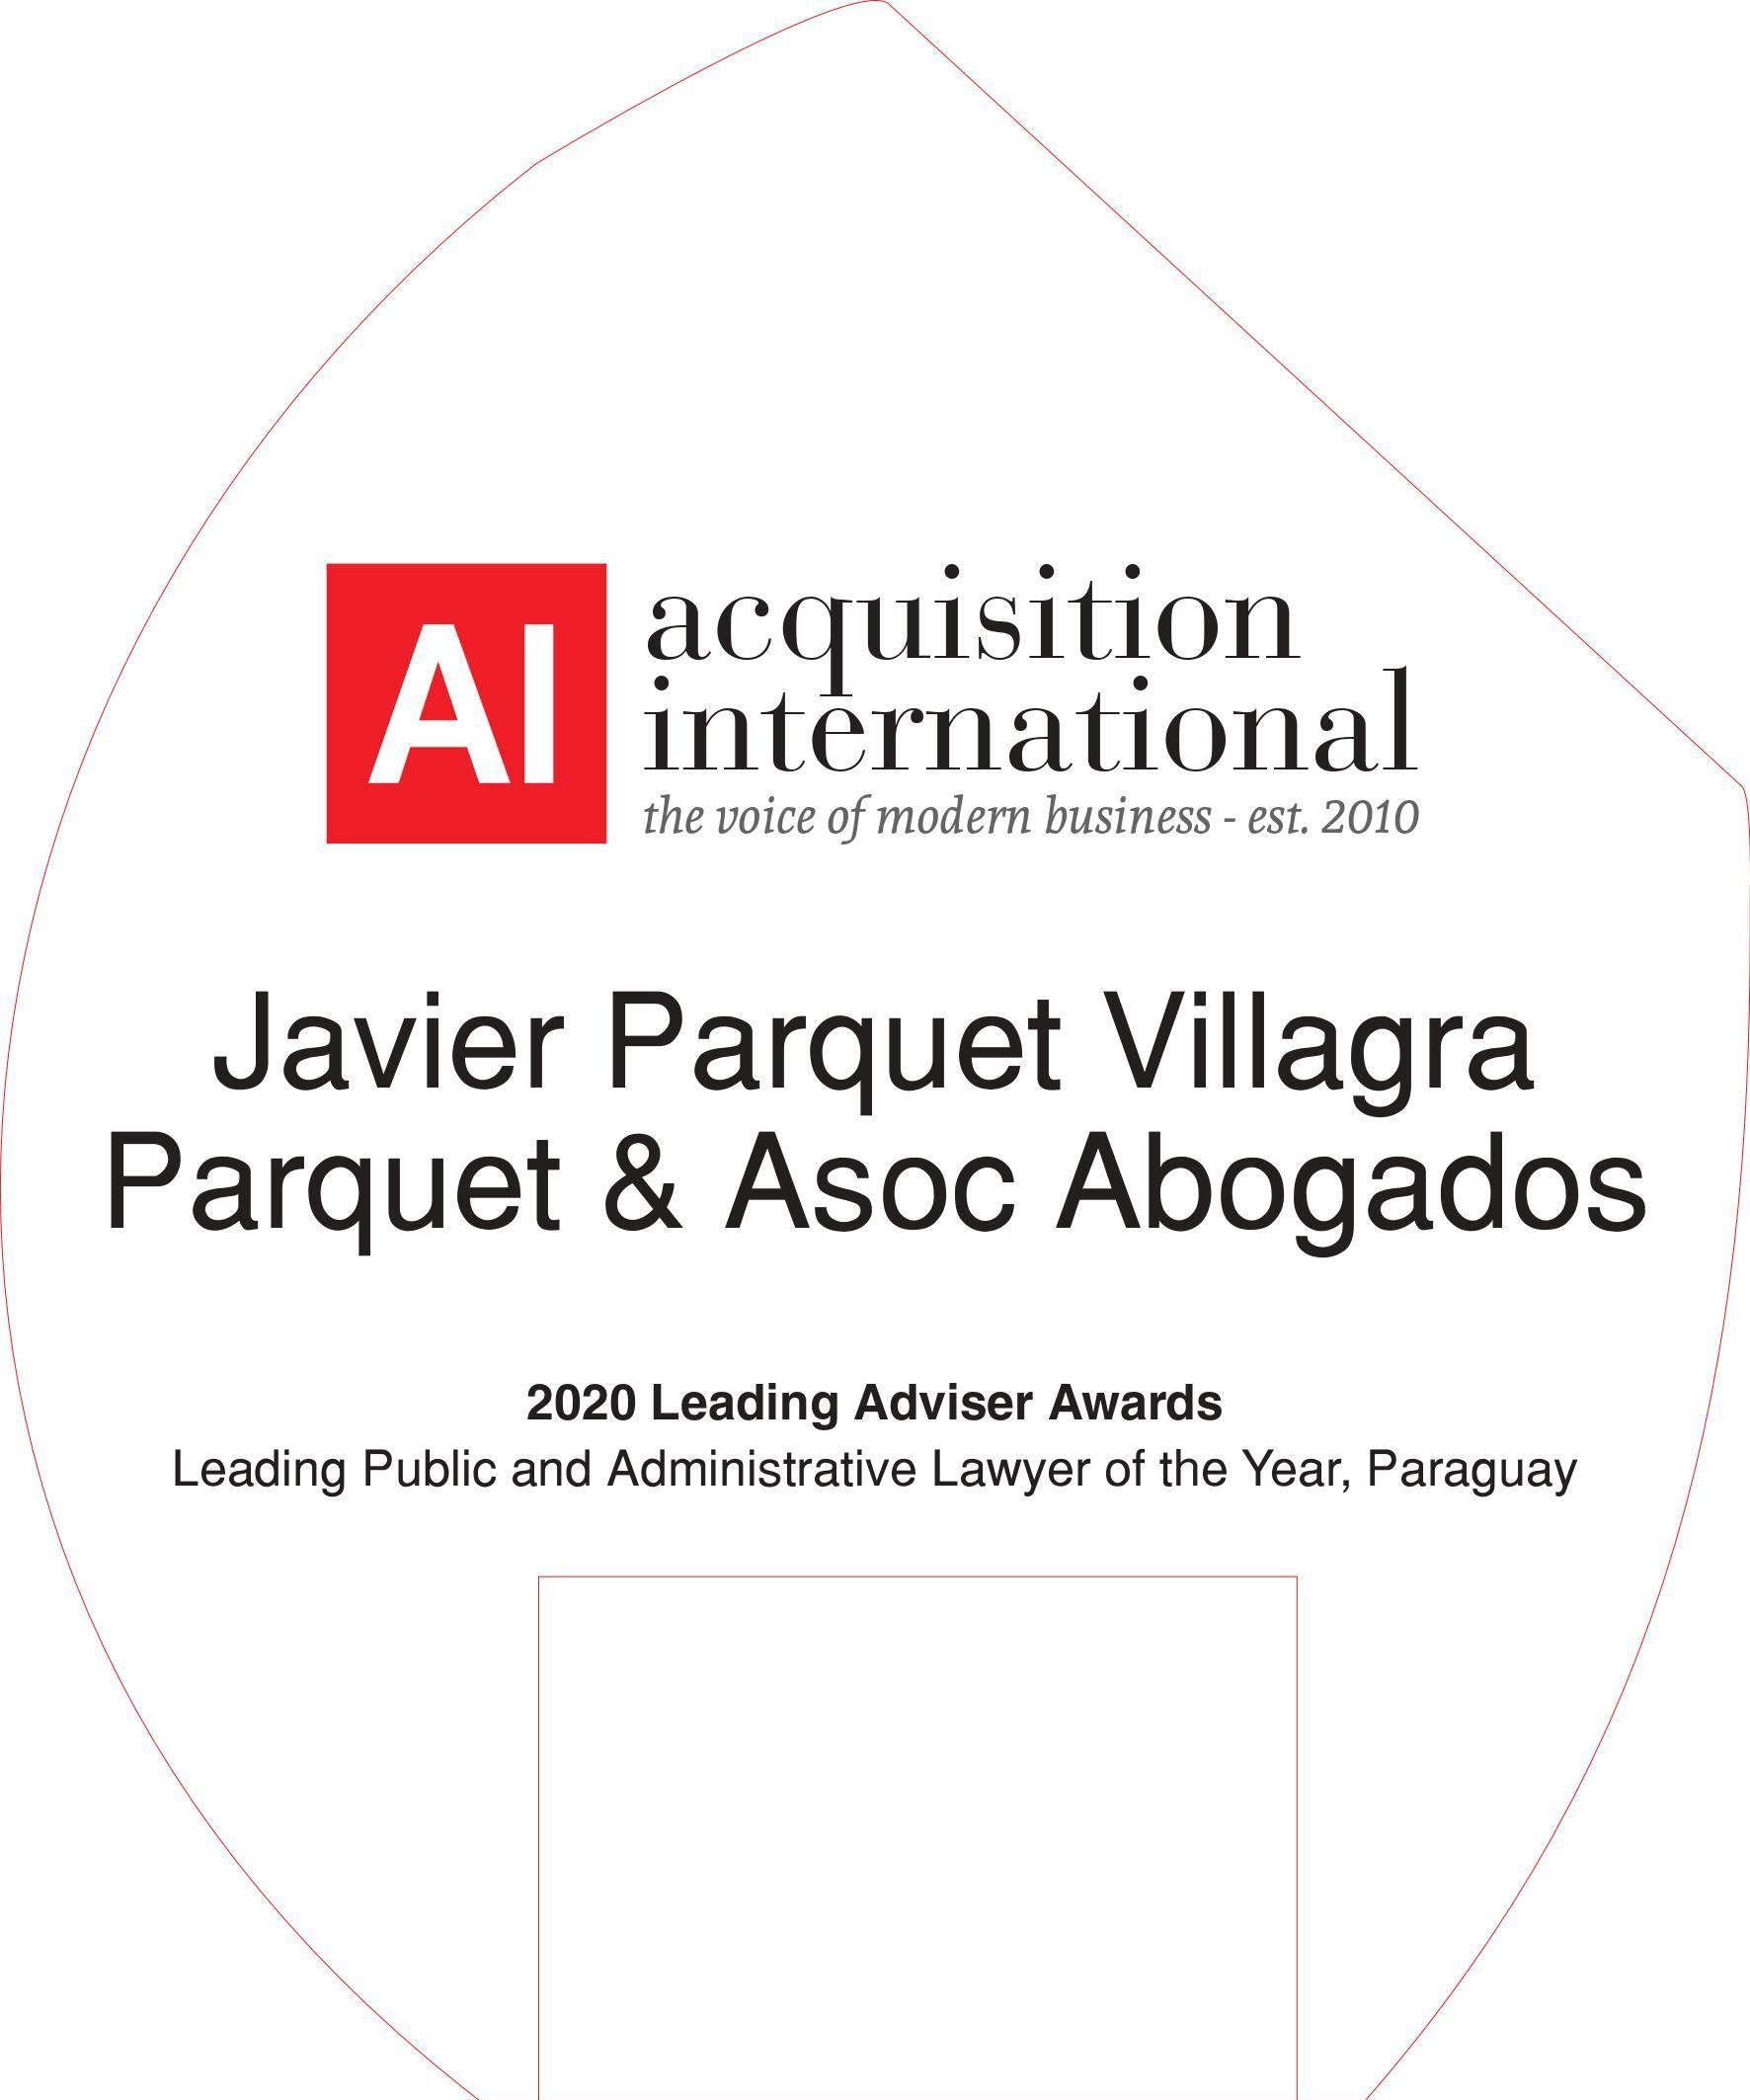 El Abog. Javier Parquet Villagra recibe premio internacional como Asesor Líder 2020 en Derecho Público y Administrativo